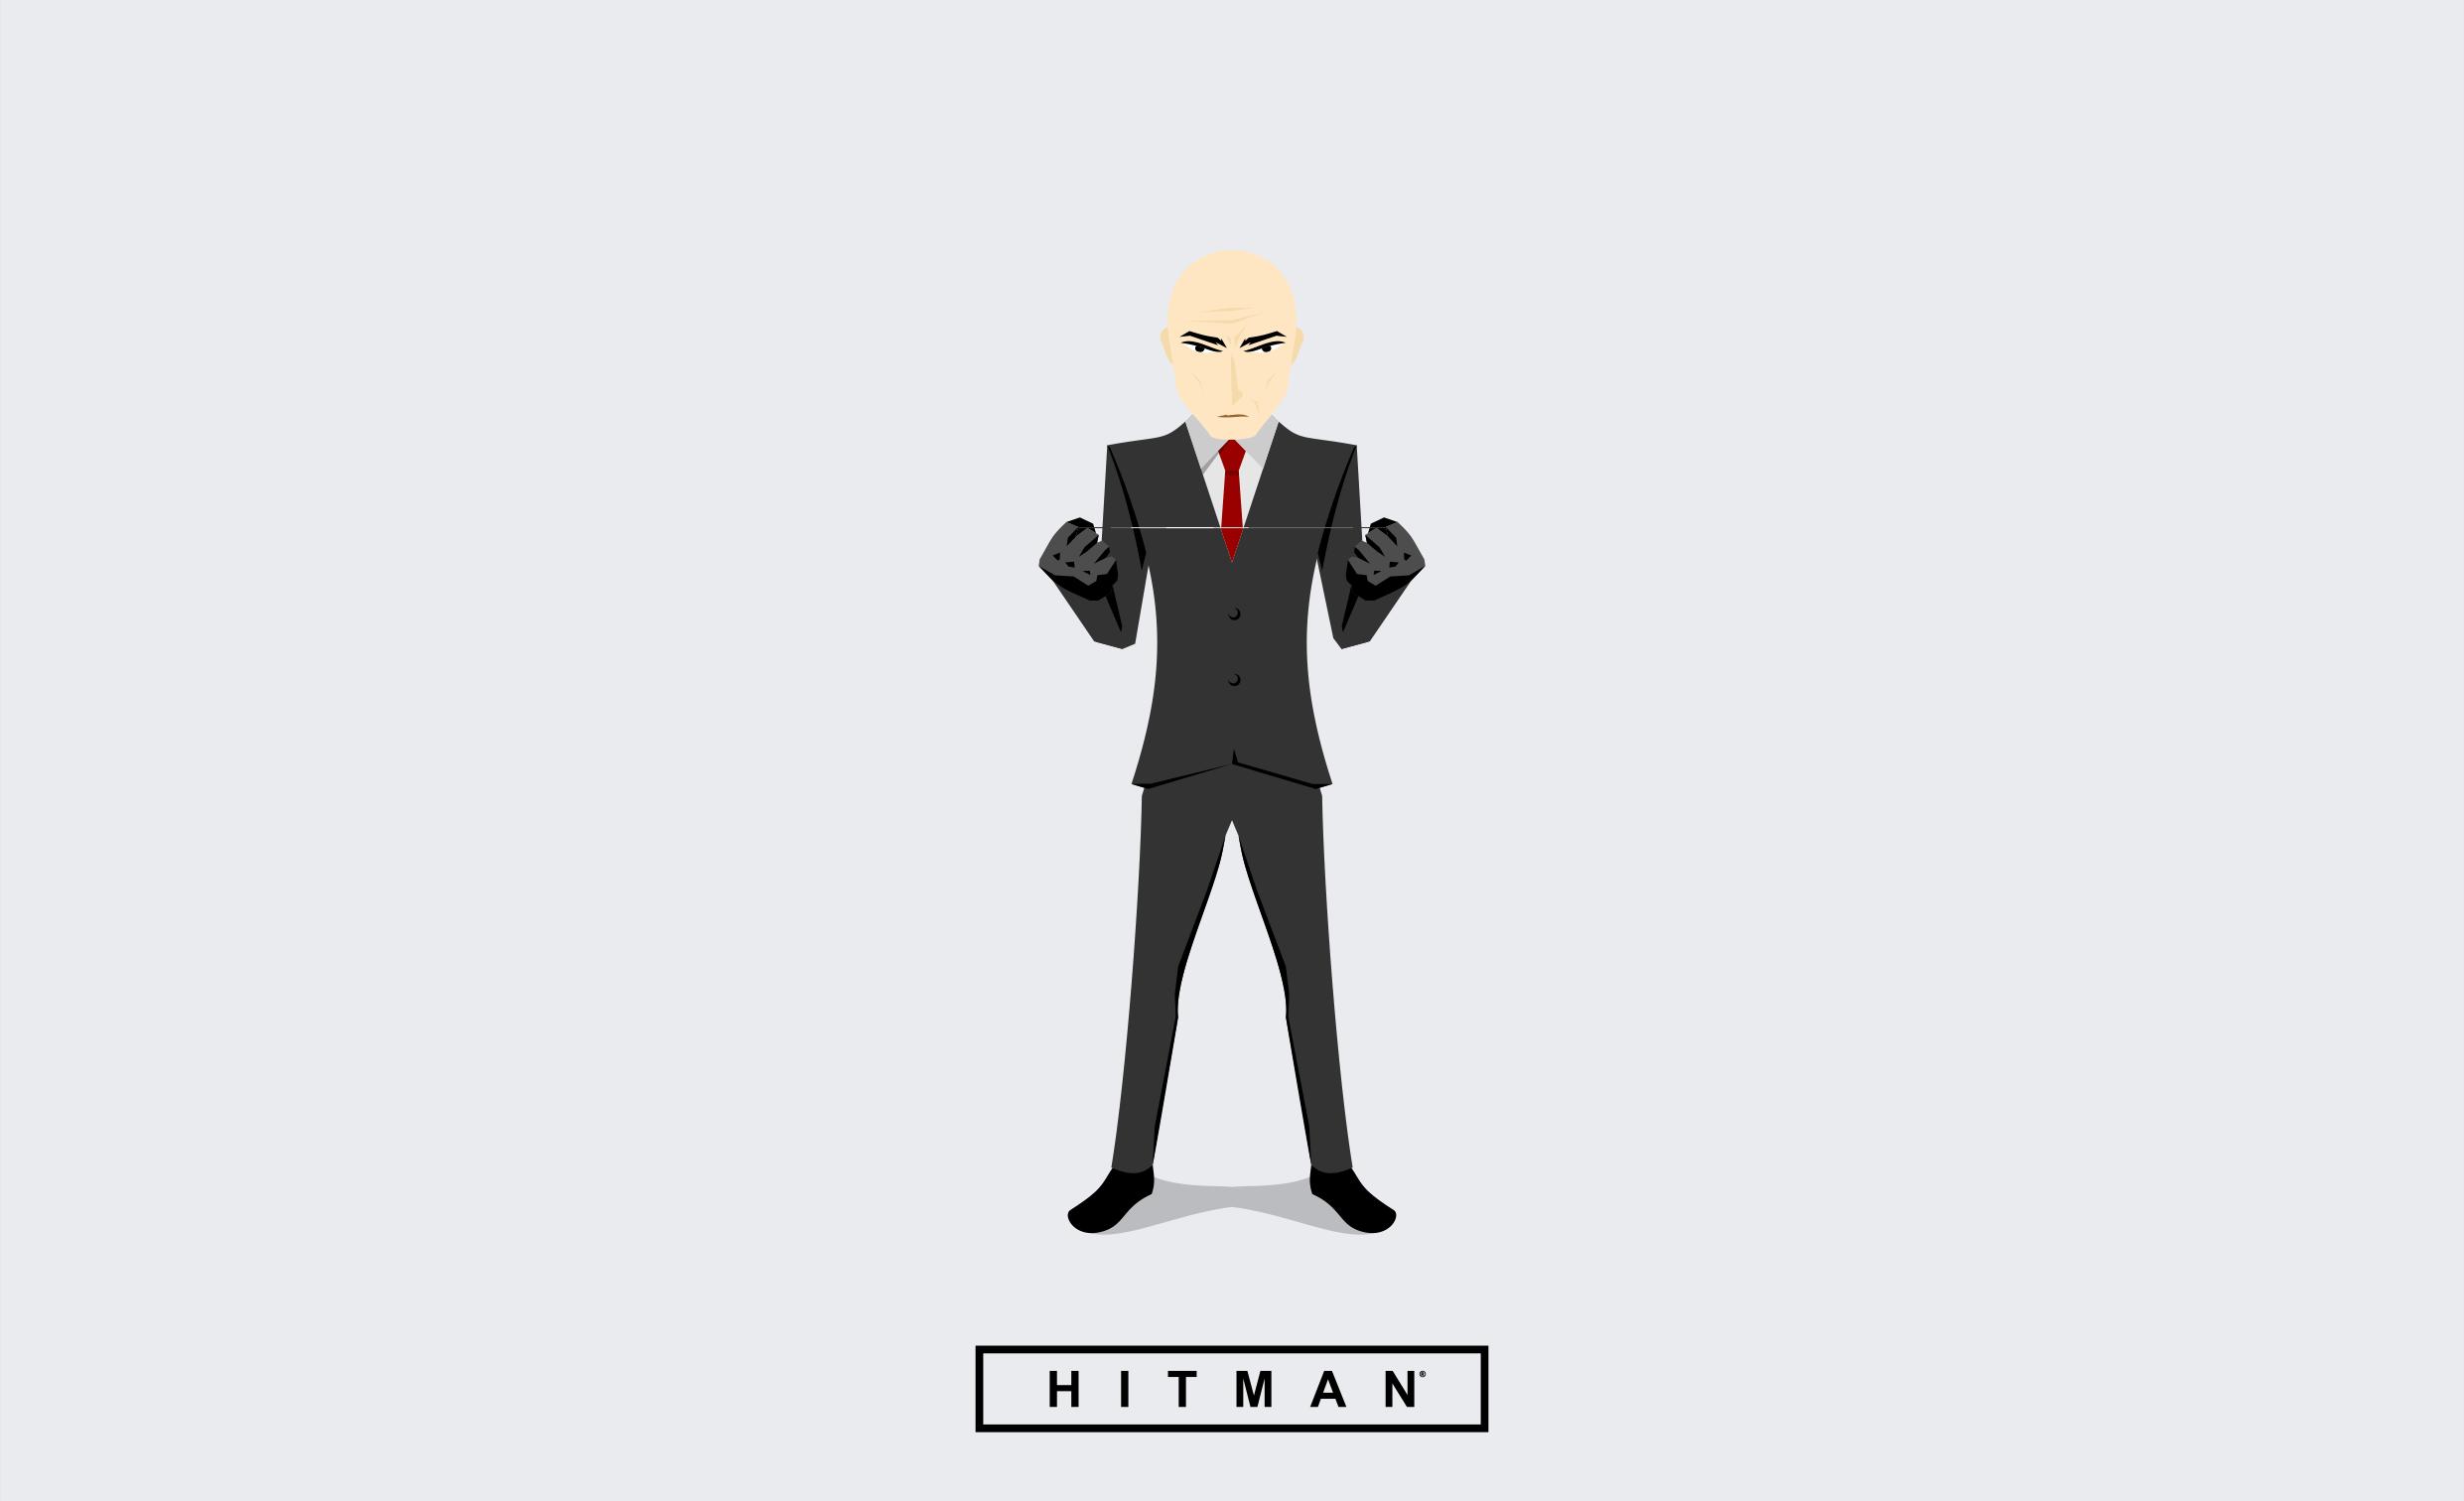 Free stock photo of murder, hitman, Hitmanwallpaper, Hitman2016